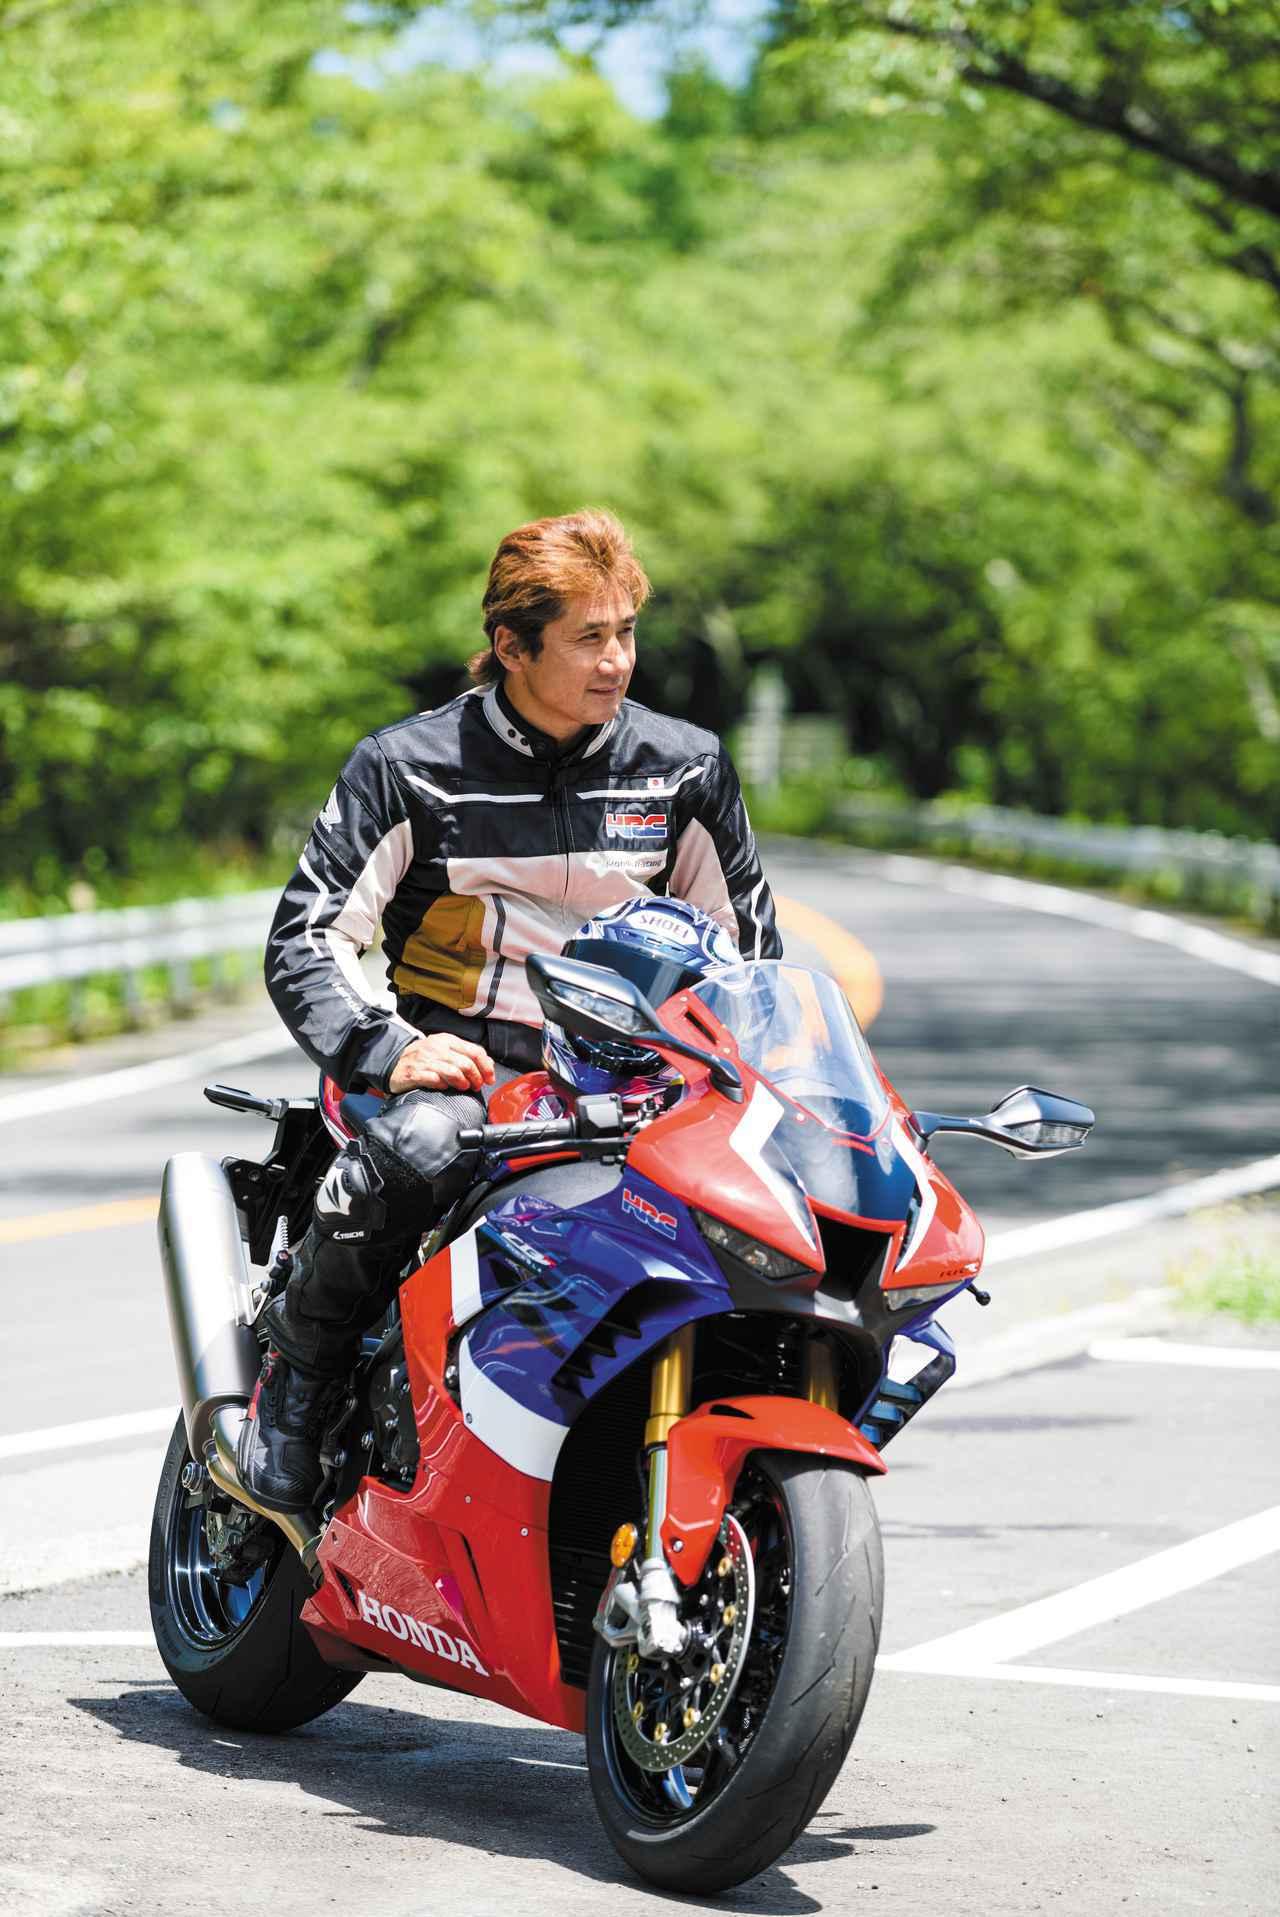 画像1: ホンダでもっとも高価なネイキッドバイク「CB1300SF SP」を伊藤真一さんがインプレ! 特別仕様車「SP」の魅力を徹底解説